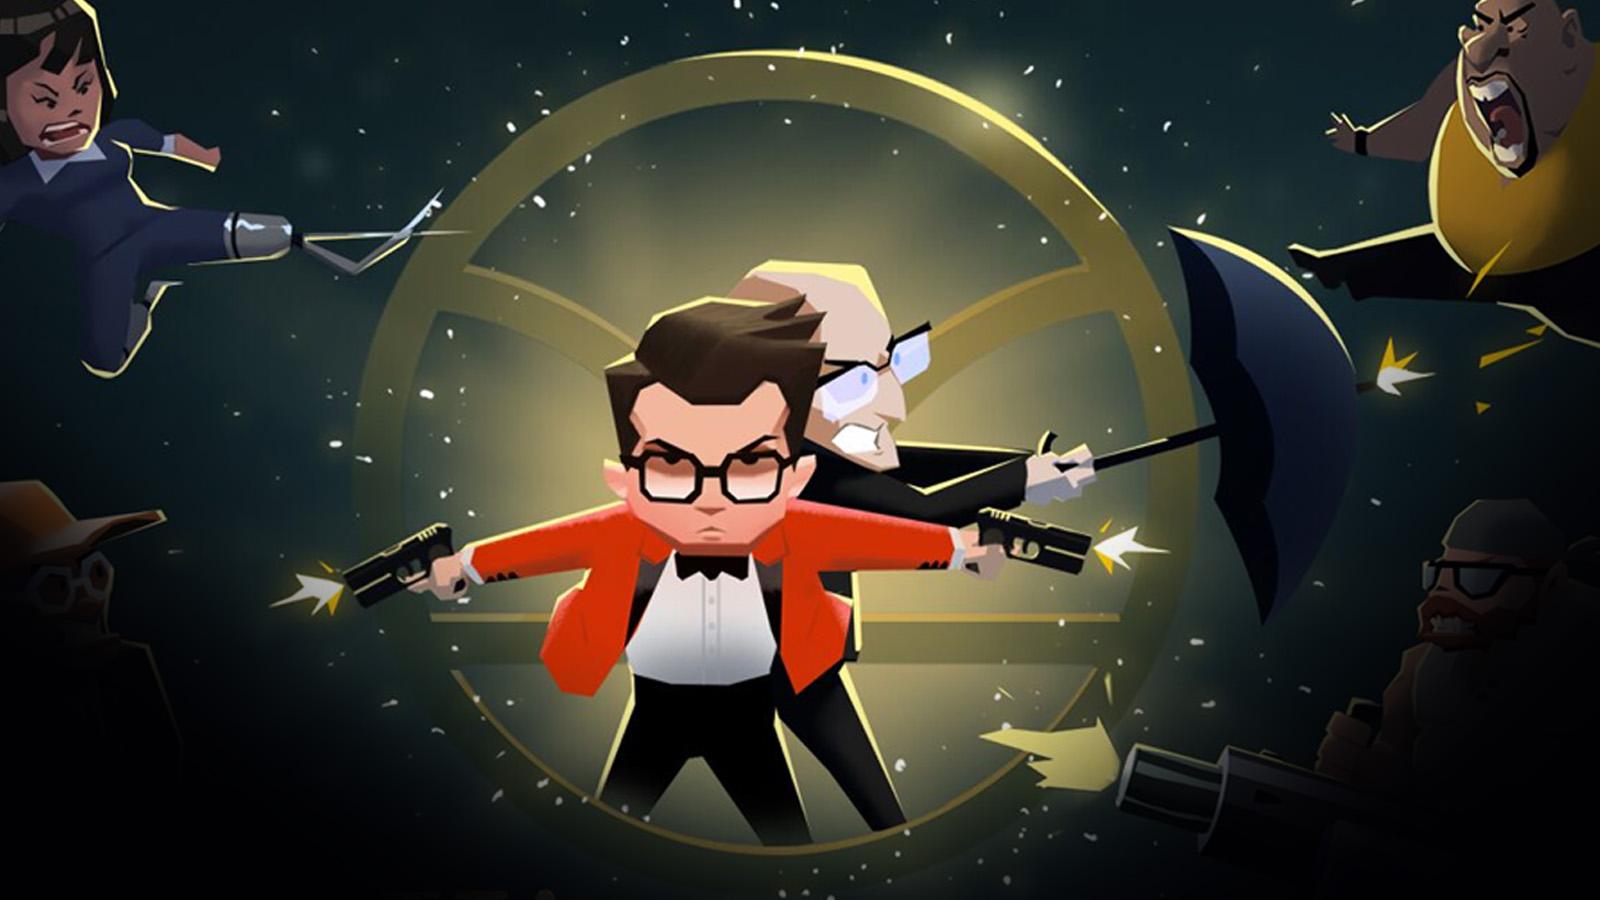 MobileWorld #01: Kingsman: The Secret Service Game